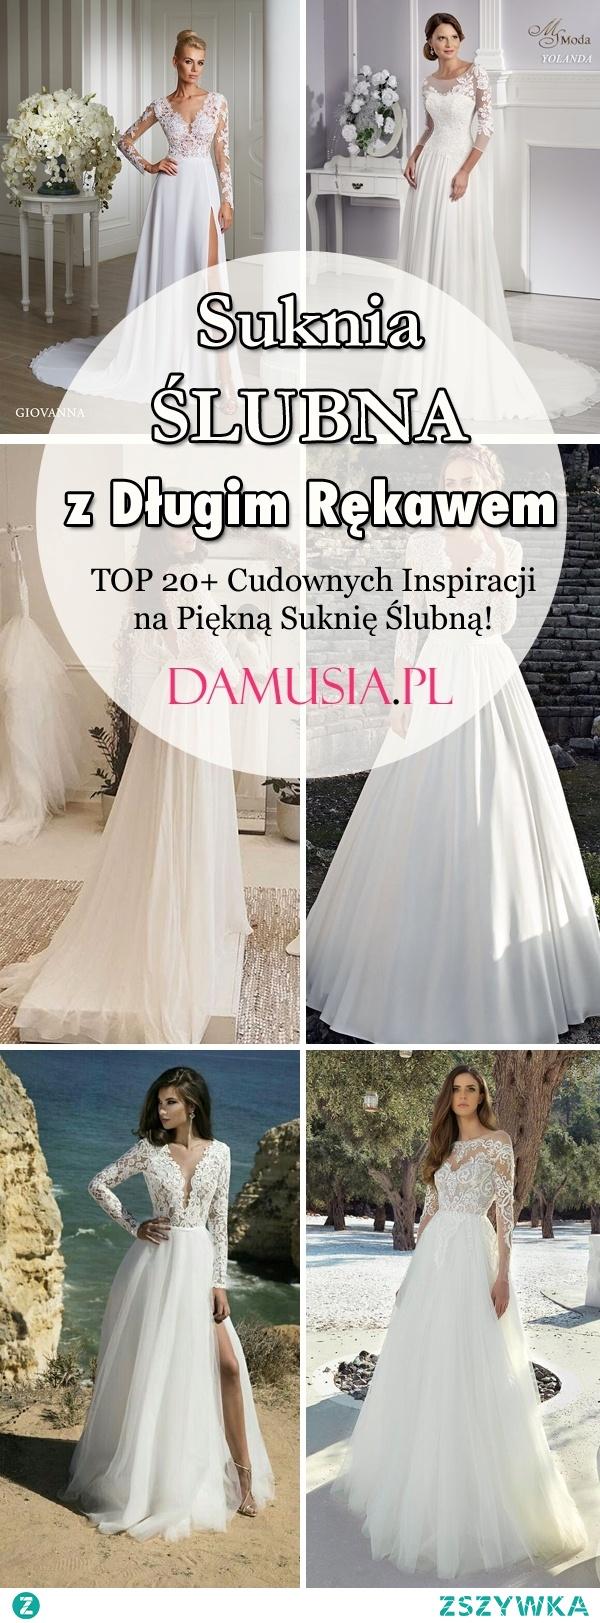 Suknia Ślubna z Długim Rękawem: TOP 20+ Cudownych Inspiracji na Piękną Suknię Ślubną!